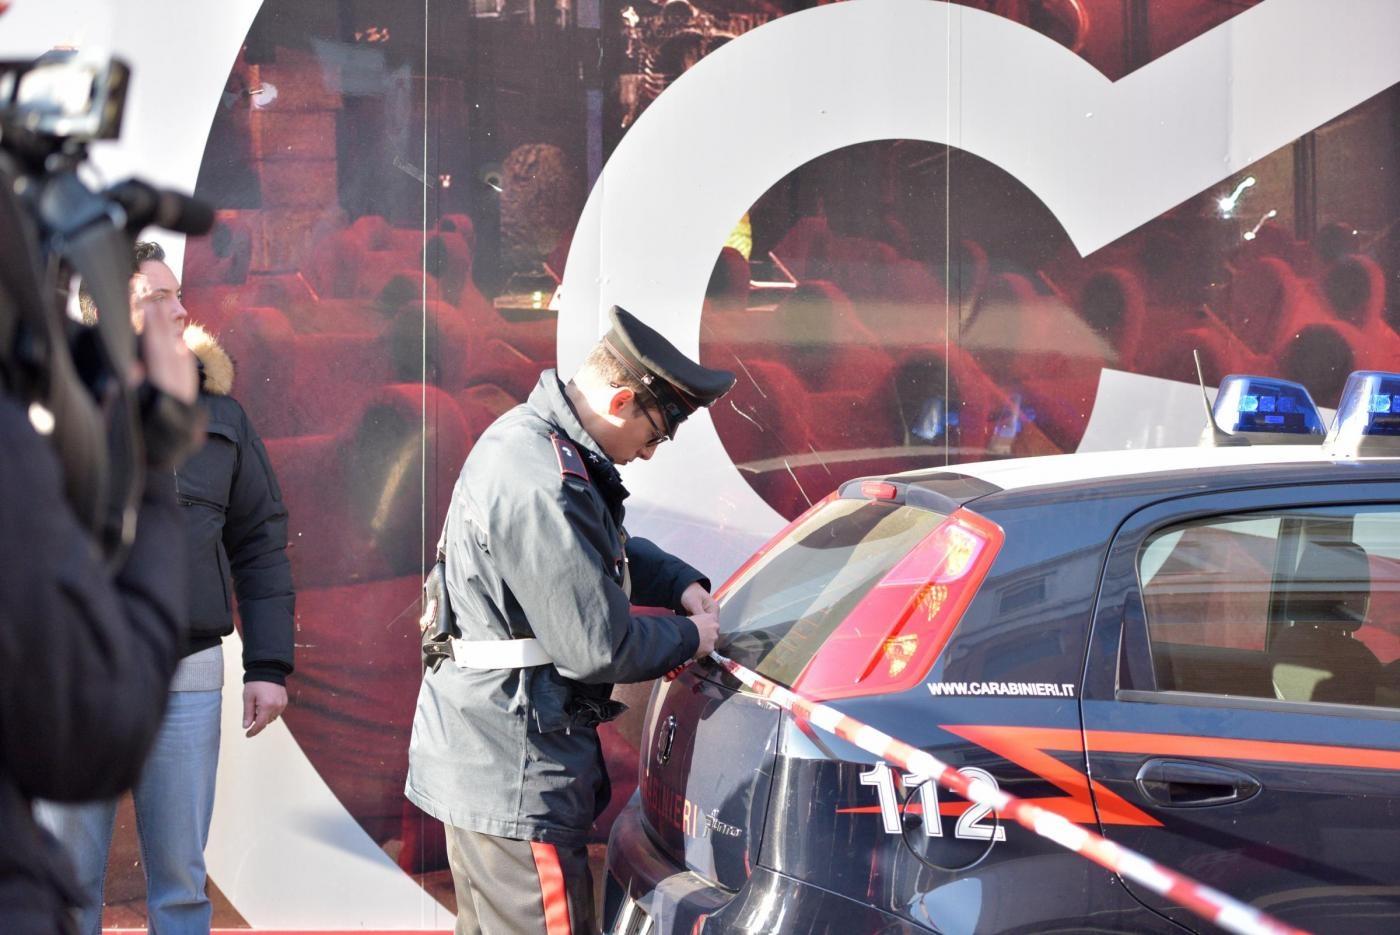 Allarme bomba a Torino: evacuata la Mole Antonelliana